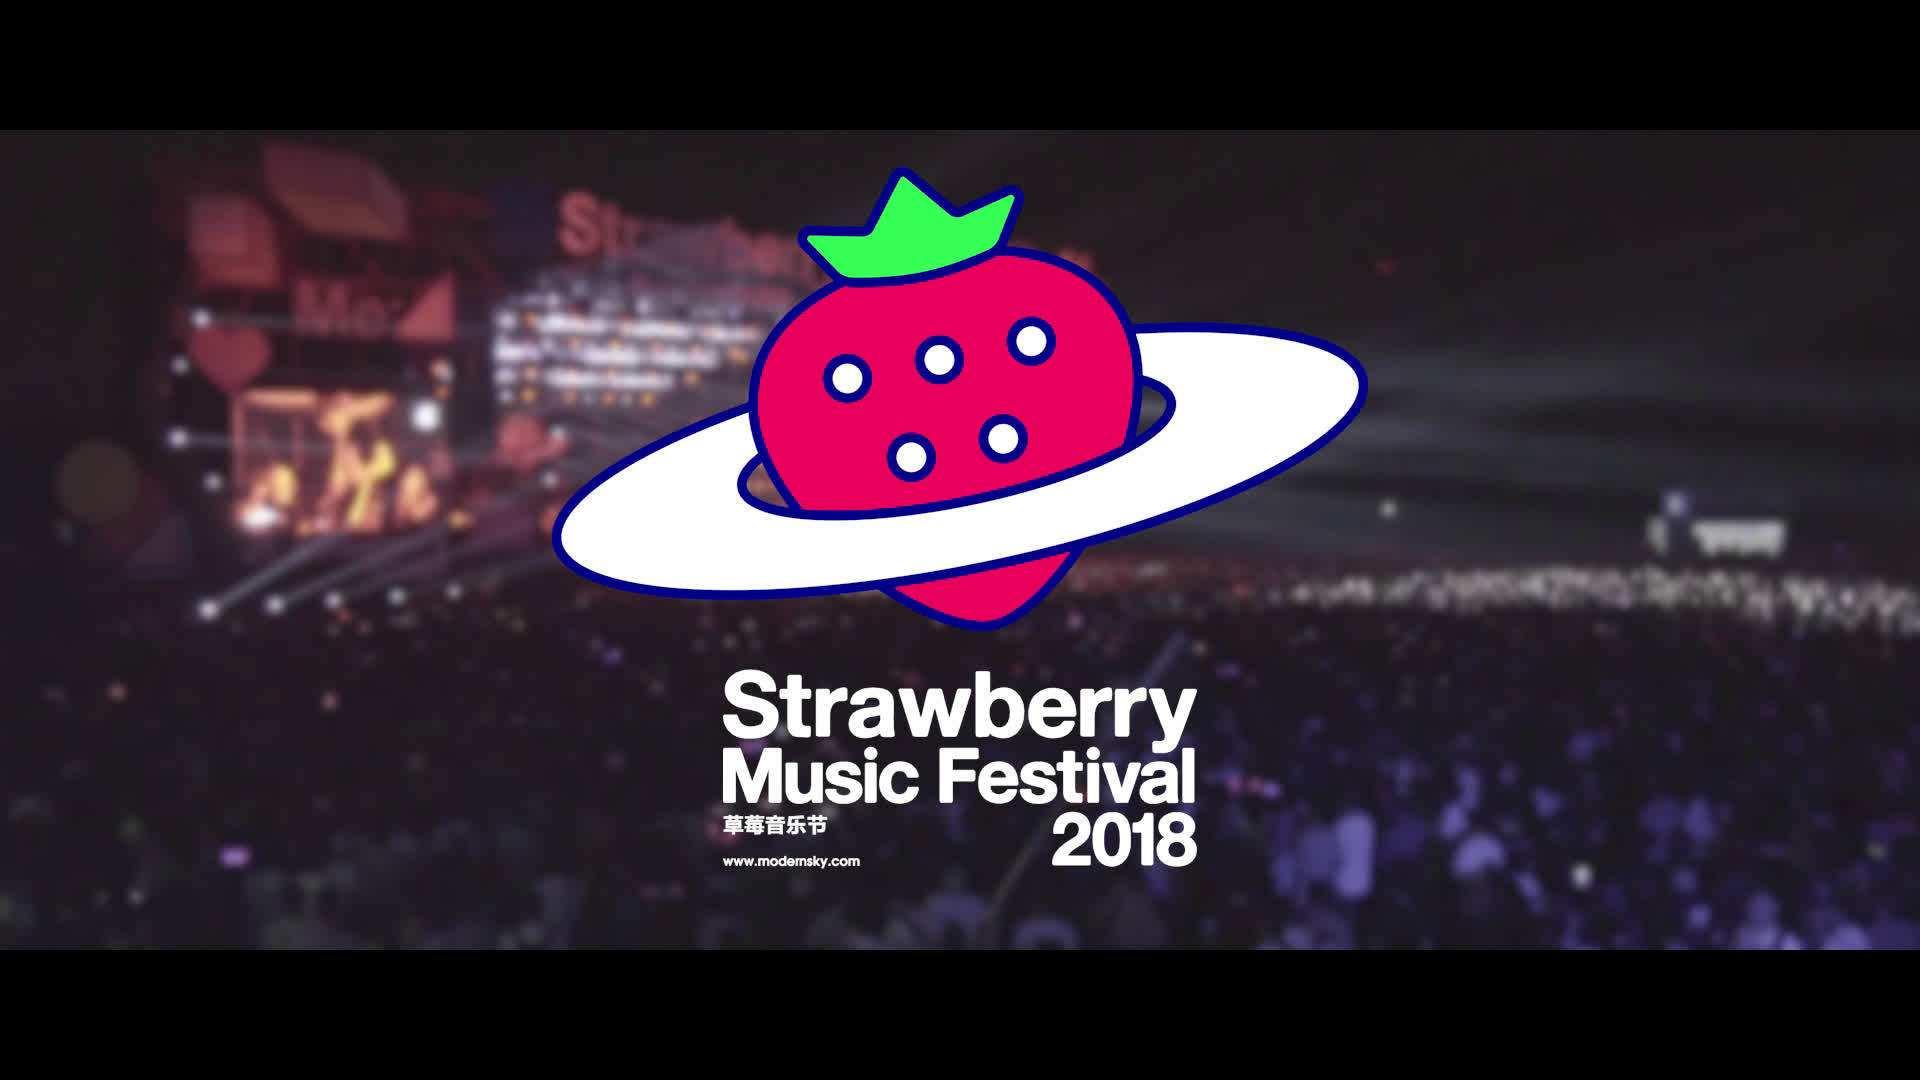 草莓音乐节是多久举行一次